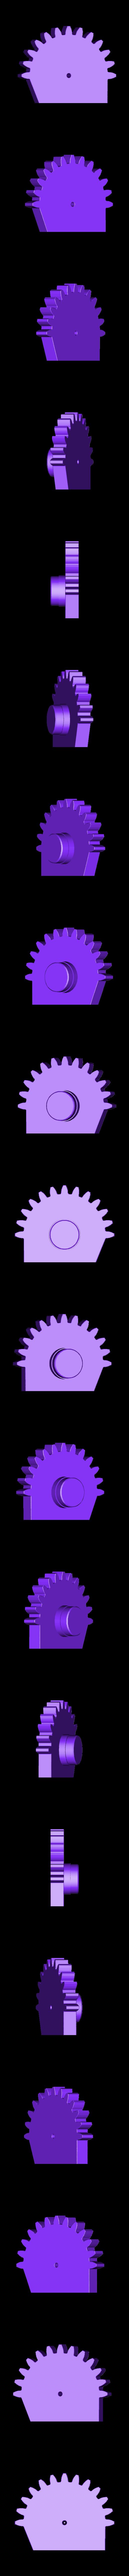 gear_leg_R.stl Télécharger fichier STL gratuit RoboDog v1.0 • Modèle pour imprimante 3D, robolab19